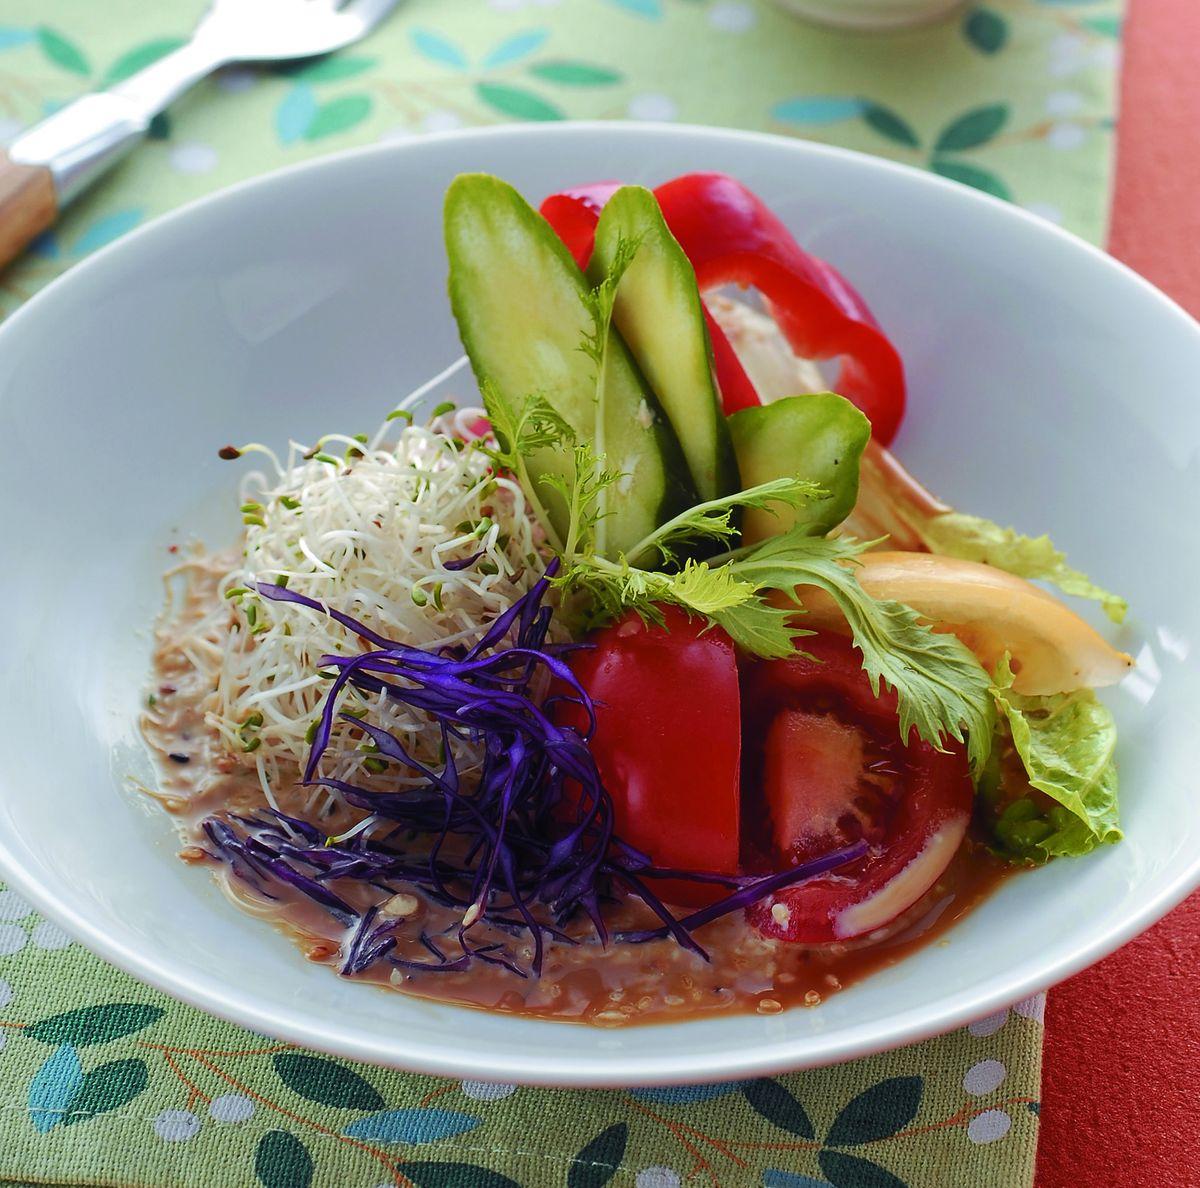 食譜:田園生菜佐和風醬